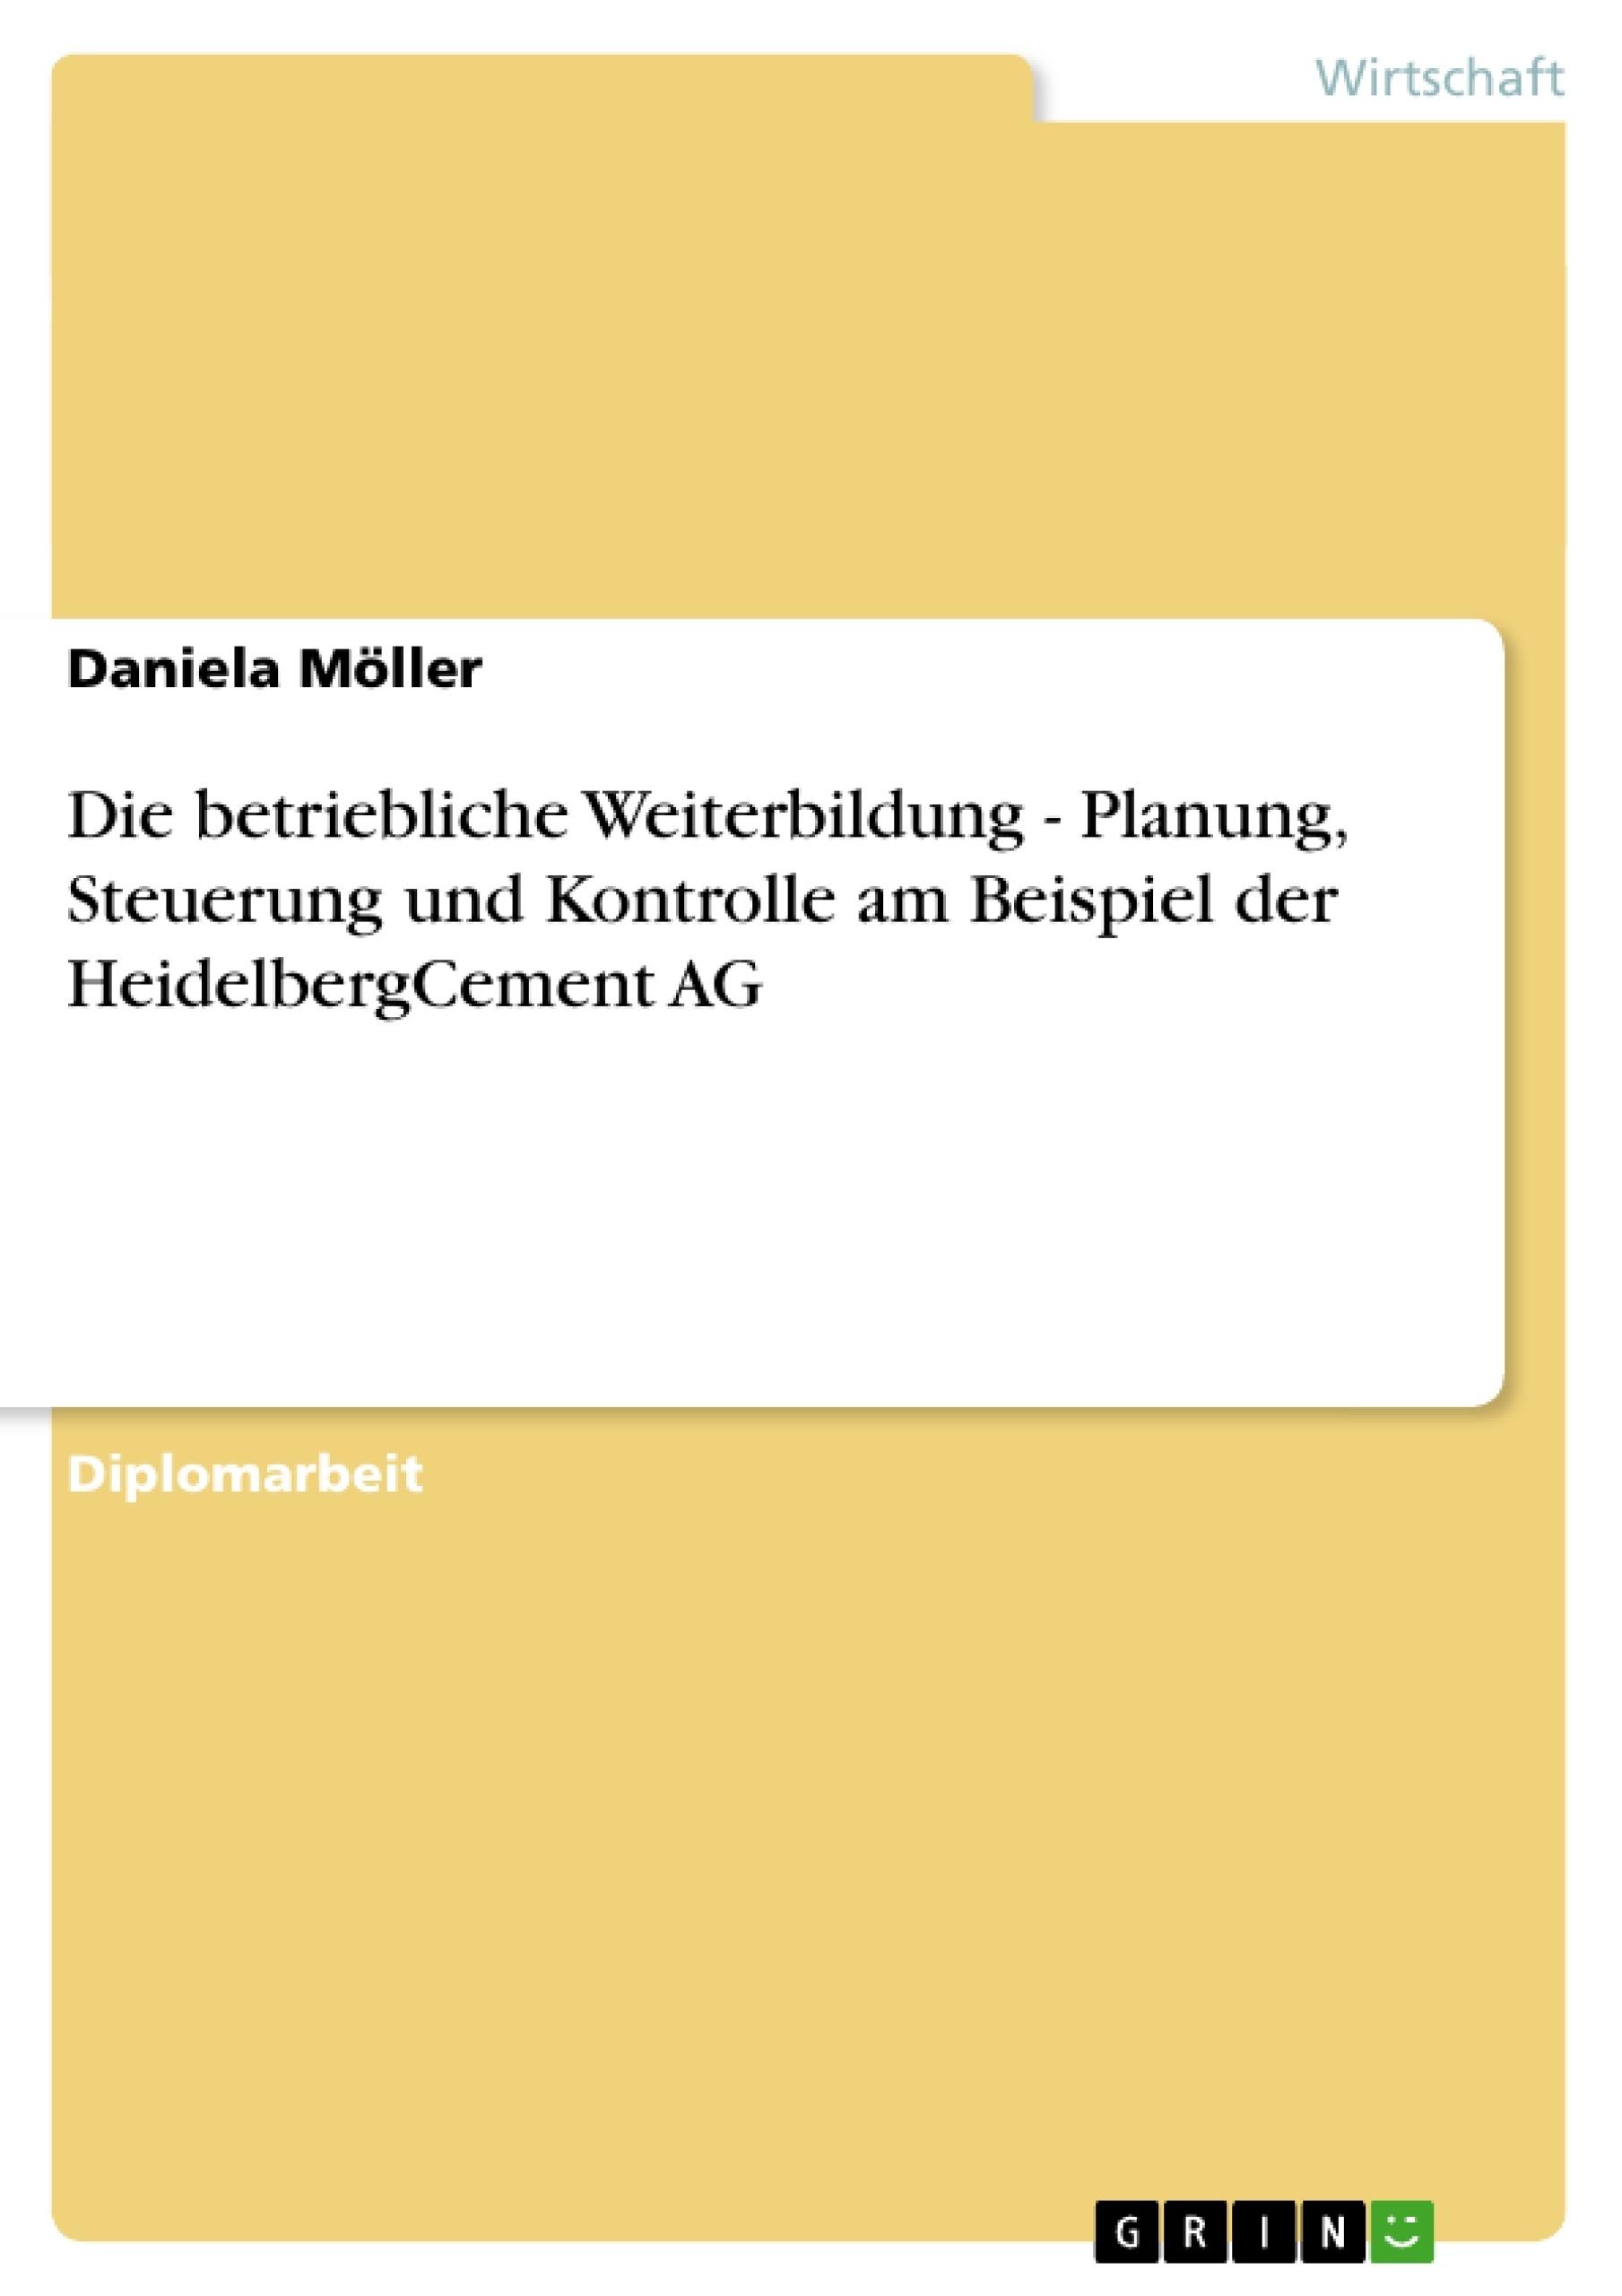 Titel: Die betriebliche Weiterbildung - Planung, Steuerung und Kontrolle am Beispiel der HeidelbergCement AG